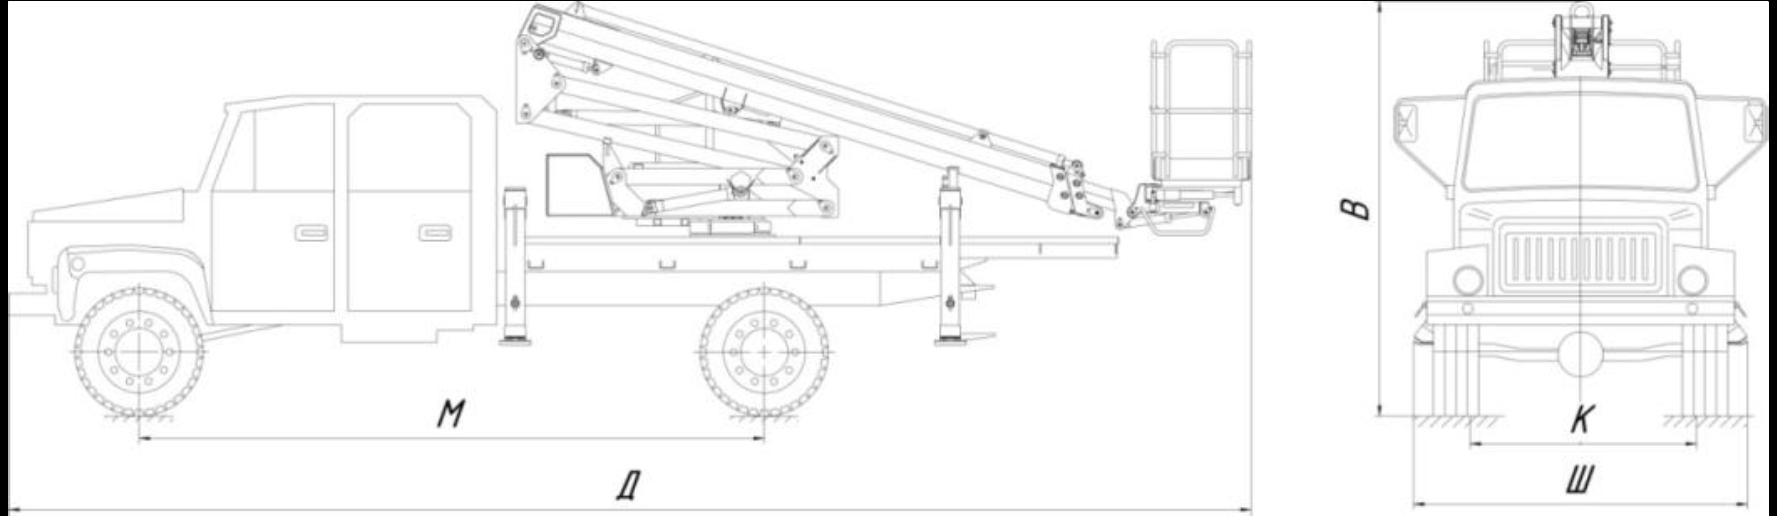 ГАЗ 33086 Земляк 4х4 двухрядная пятиместная кабиной